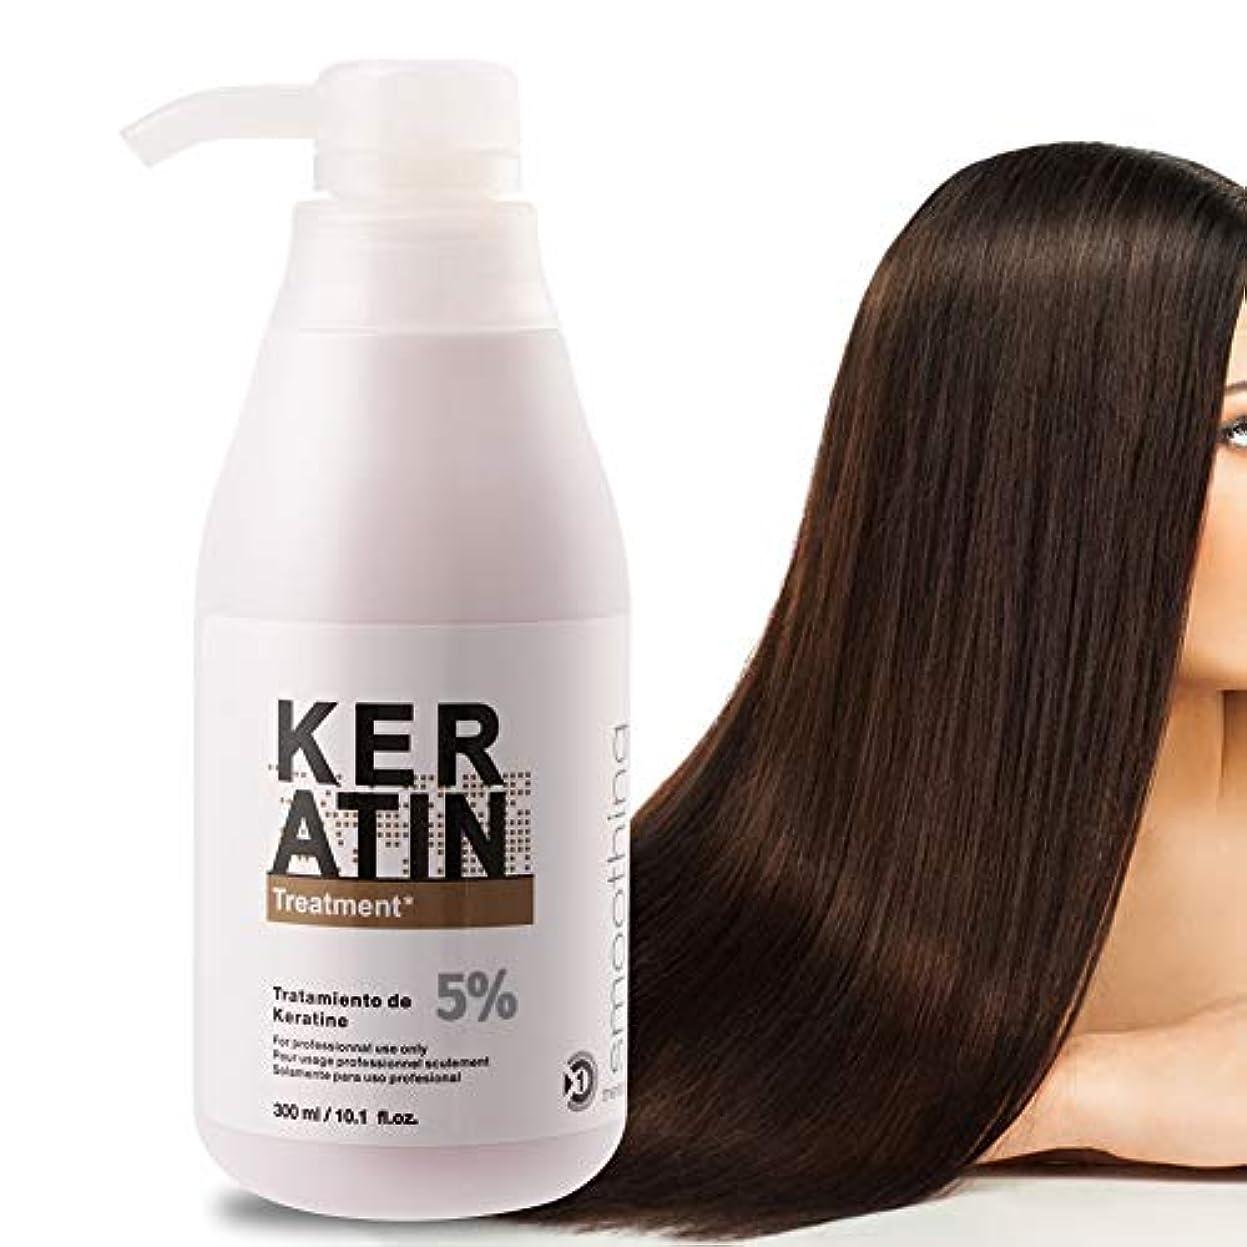 分注する放置涙が出る乾いた、ダメージを受けた、そして化学的に処理された髪のためのケラチンとタンパク質のケラチンヘアマスク、300mlブラジルのケラチンヘアトリートメント